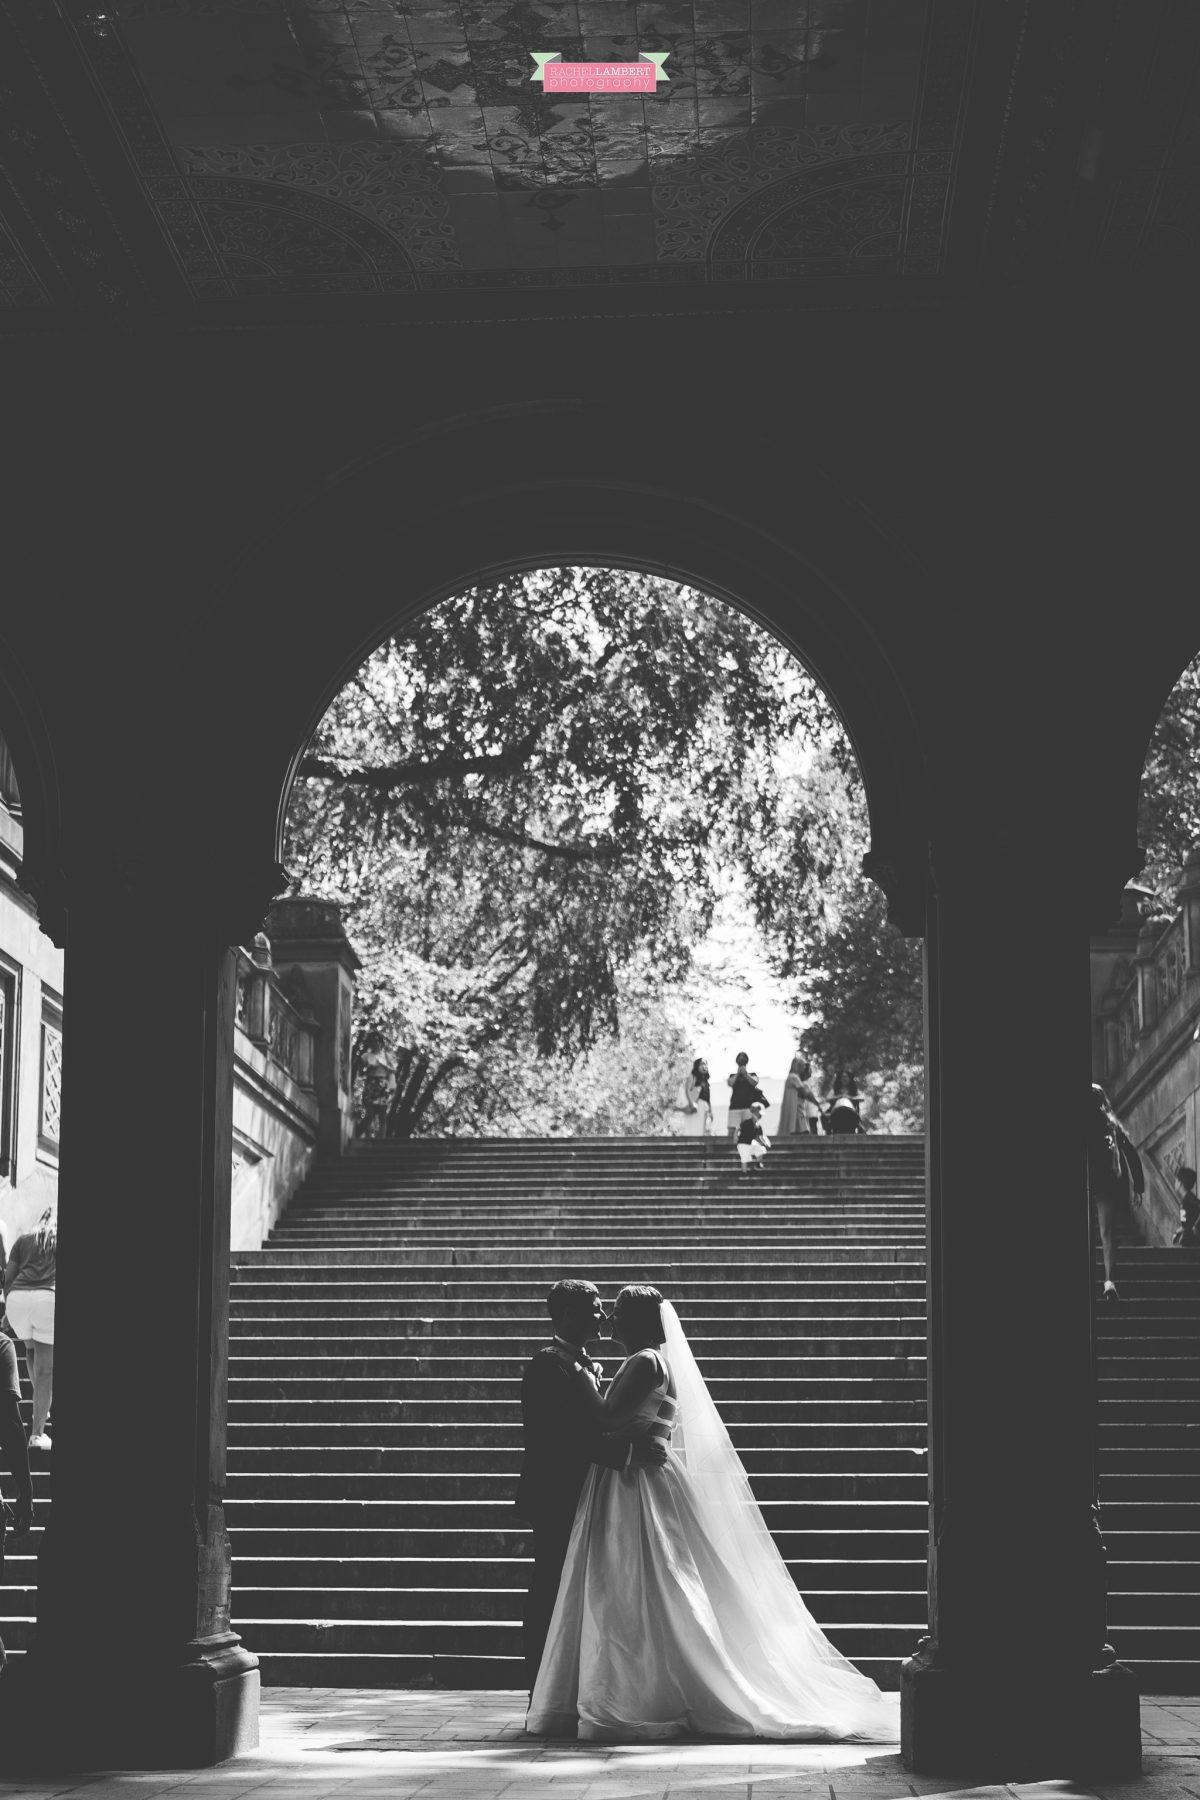 central park wedding photos bethesda terrace